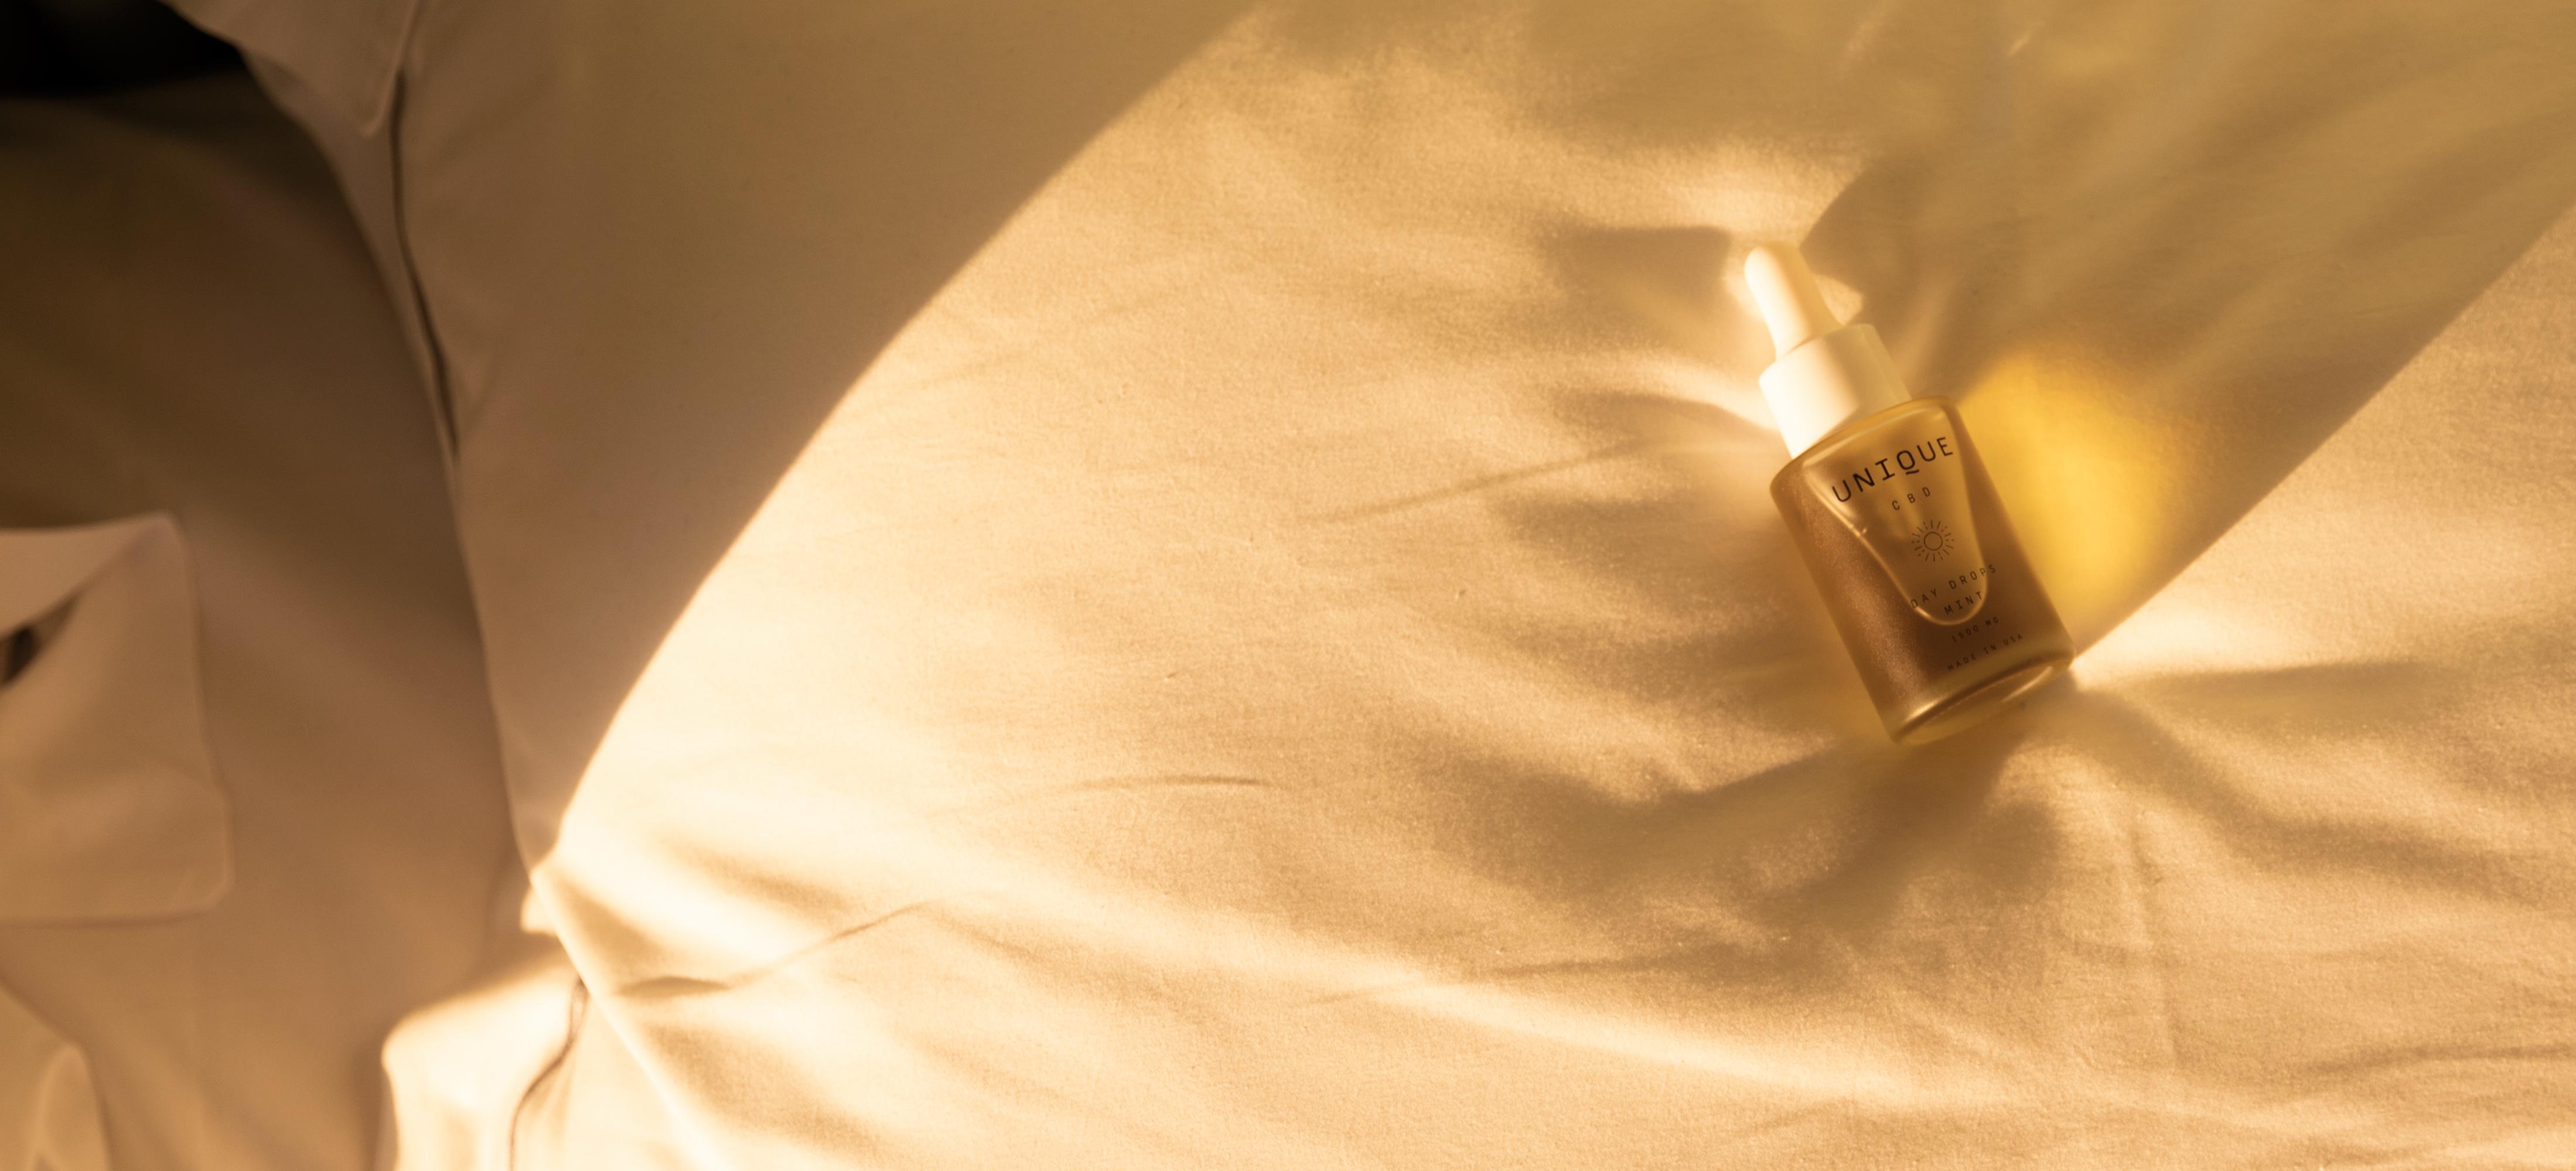 Bed duvet with CBD drops